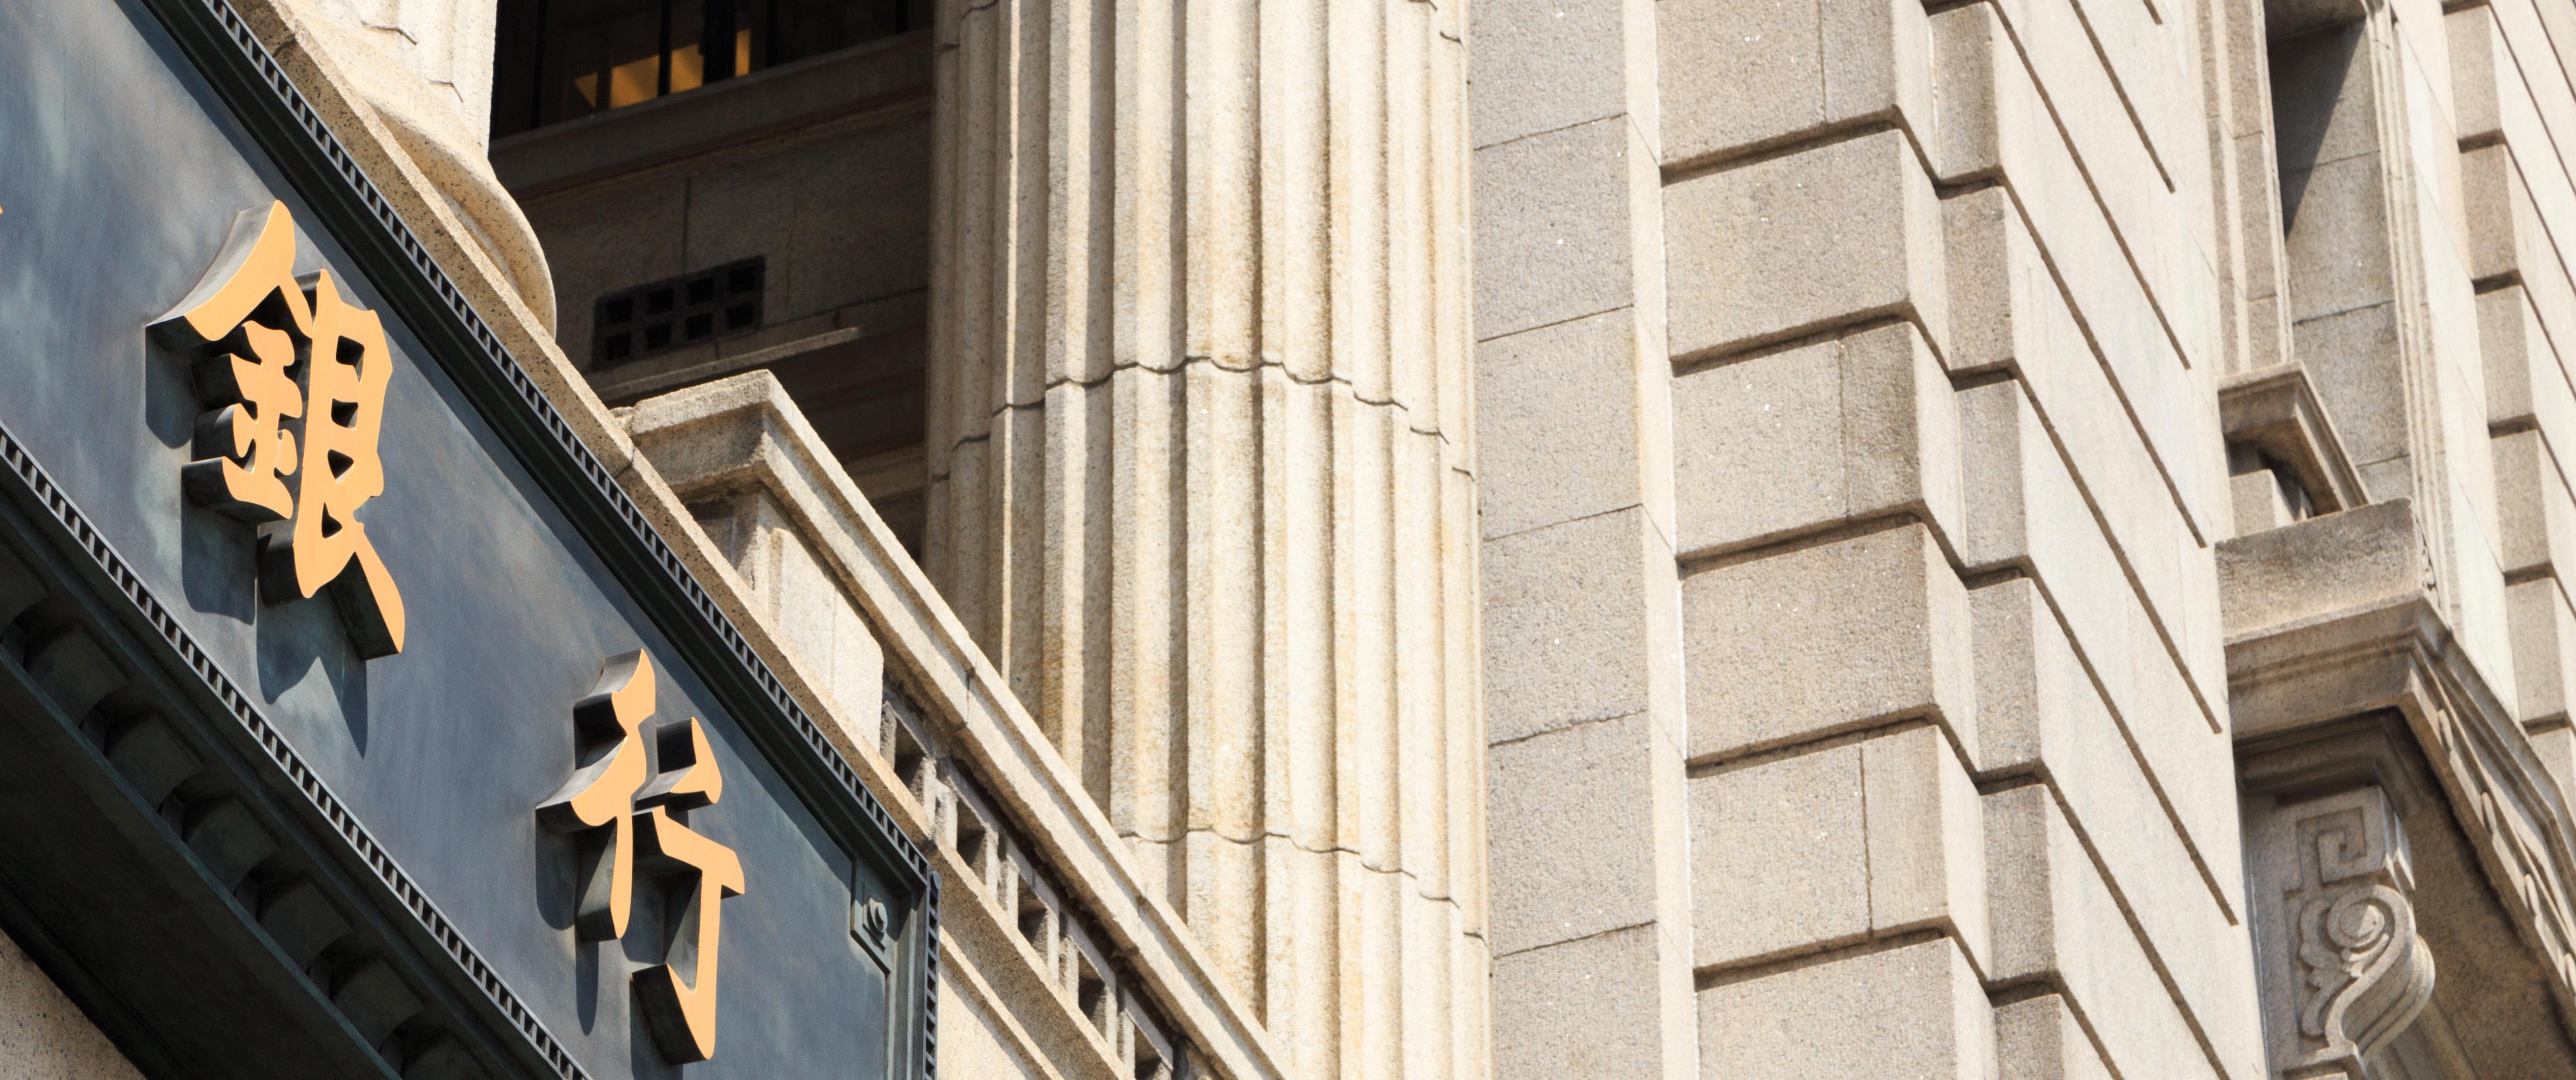 银保监会印发《商业银行股权托管办法》 将建立股权托管机构黑名单